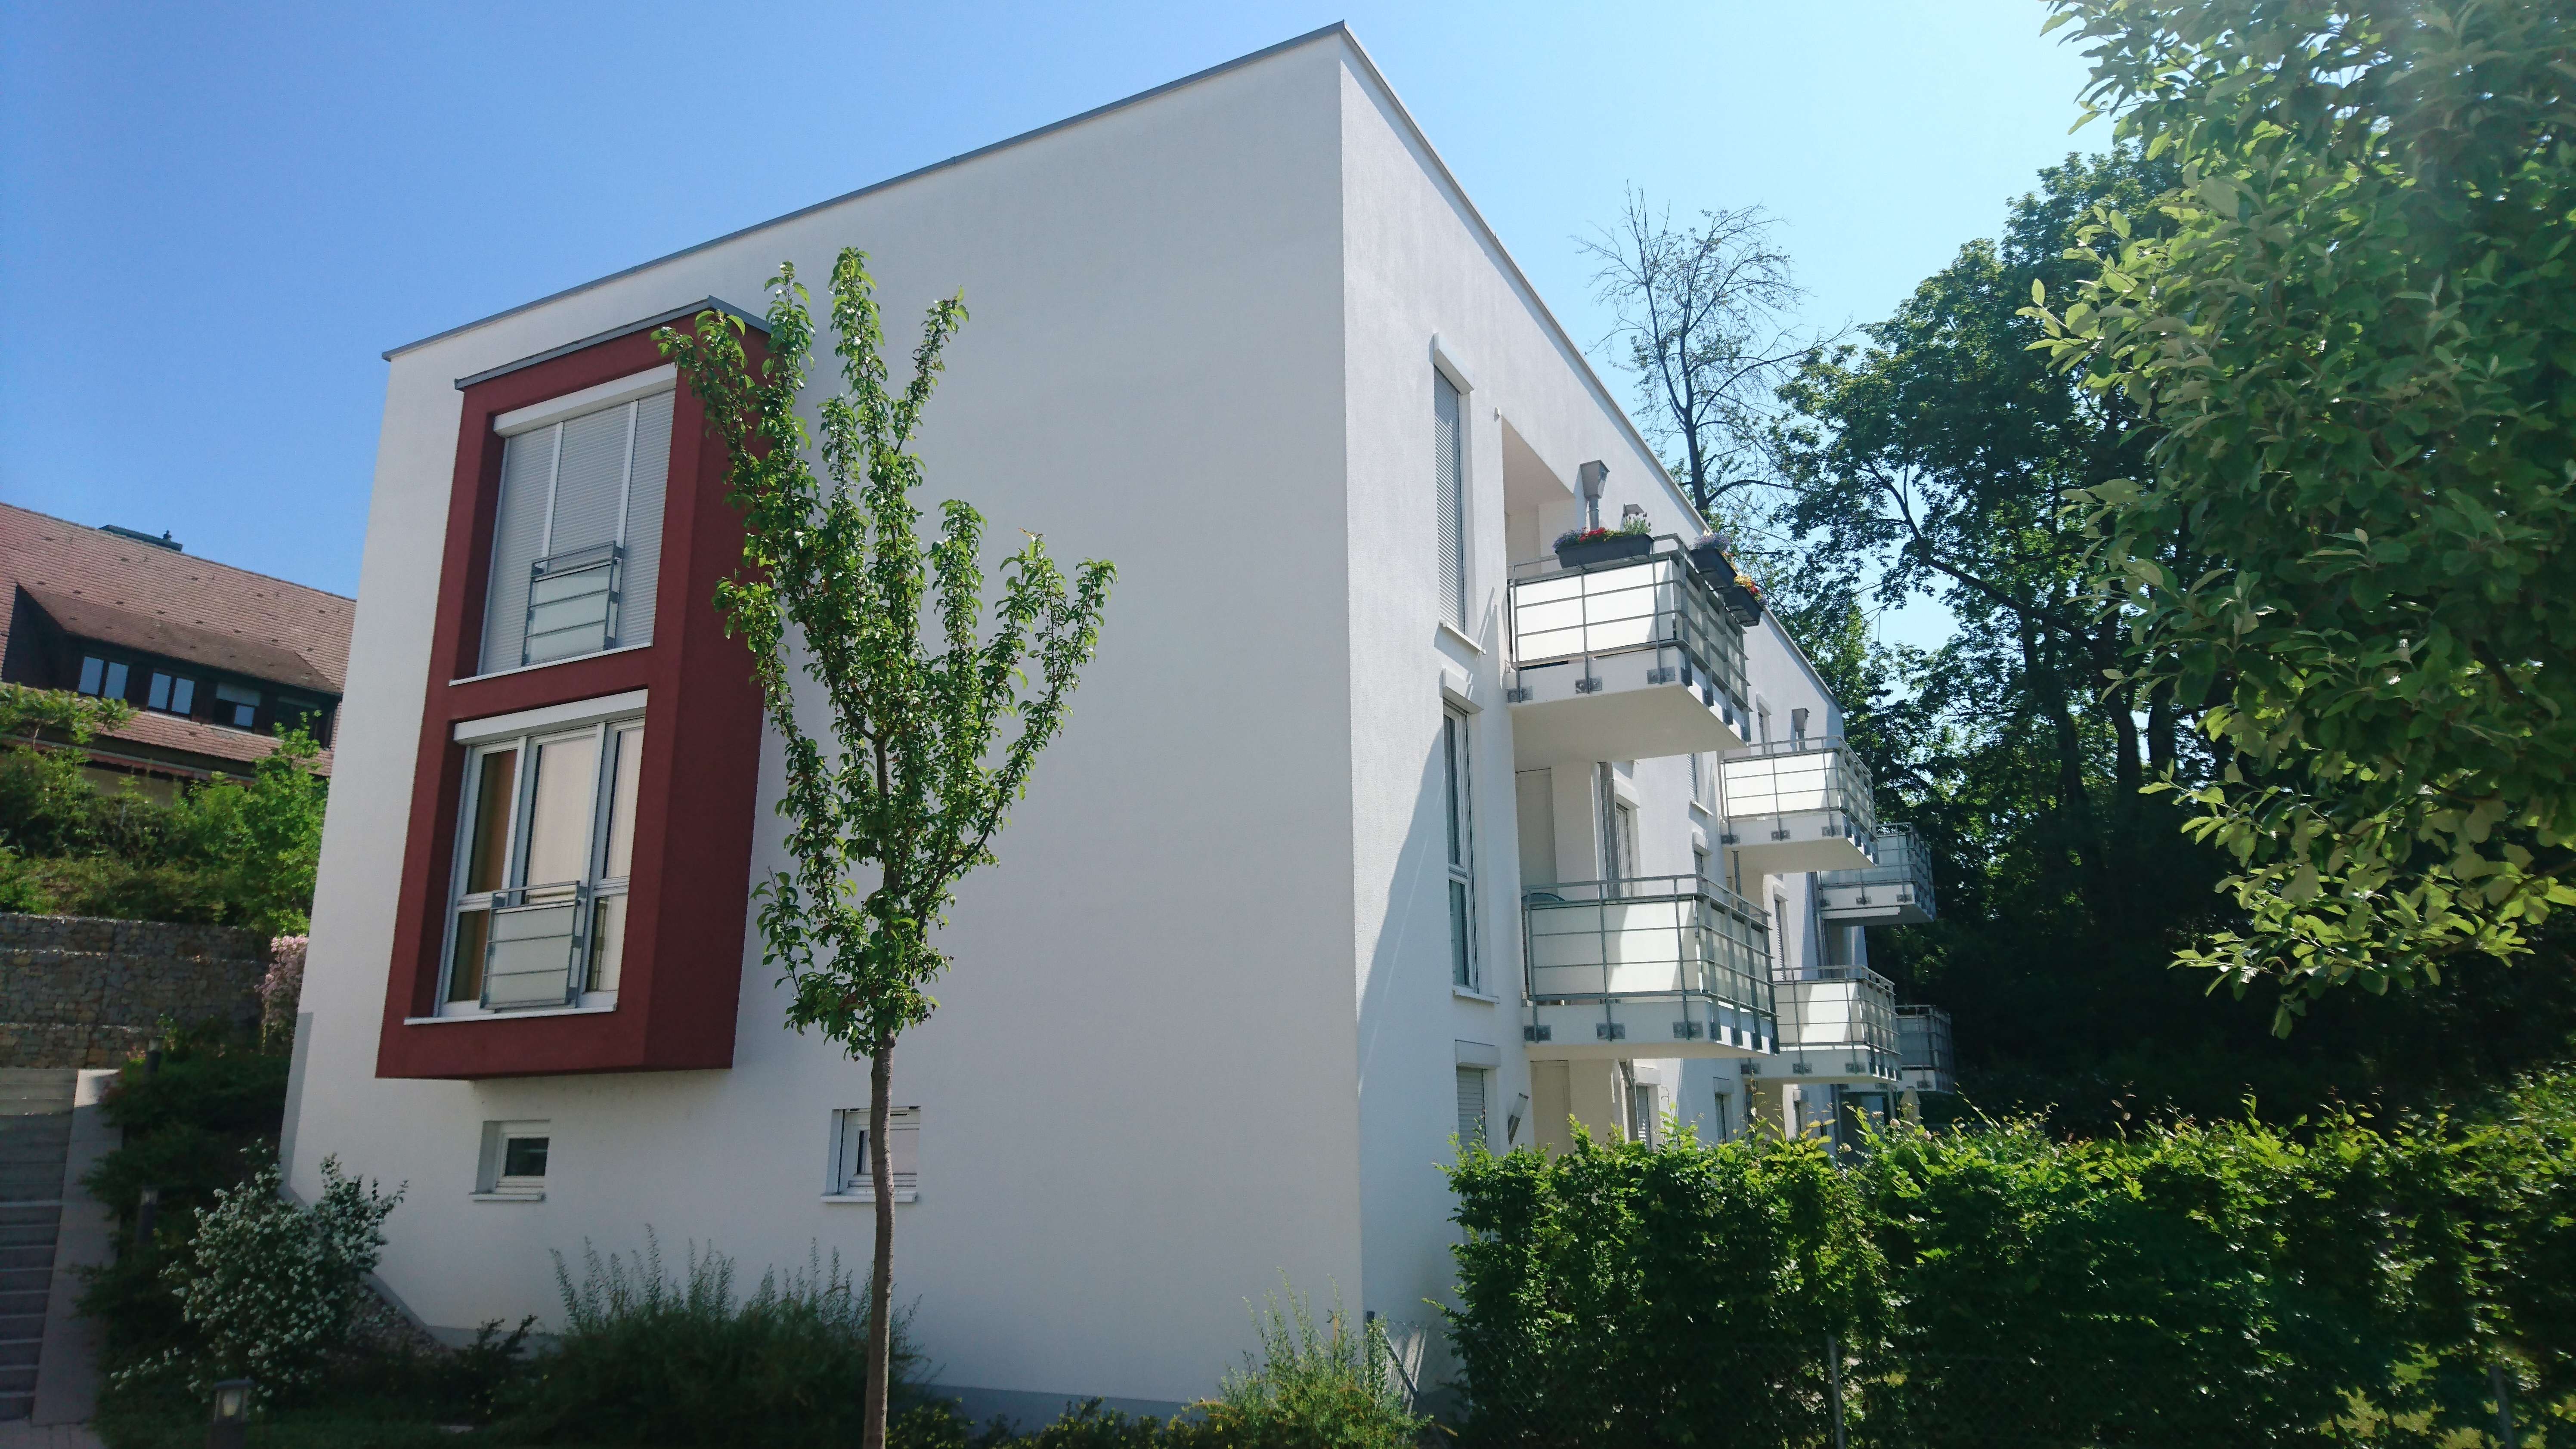 FS-Lankesberg: neuwertige 4-Zimmer-Wohnung, Einbauküche, 2 TG-Stellplätze, 1.9.2019